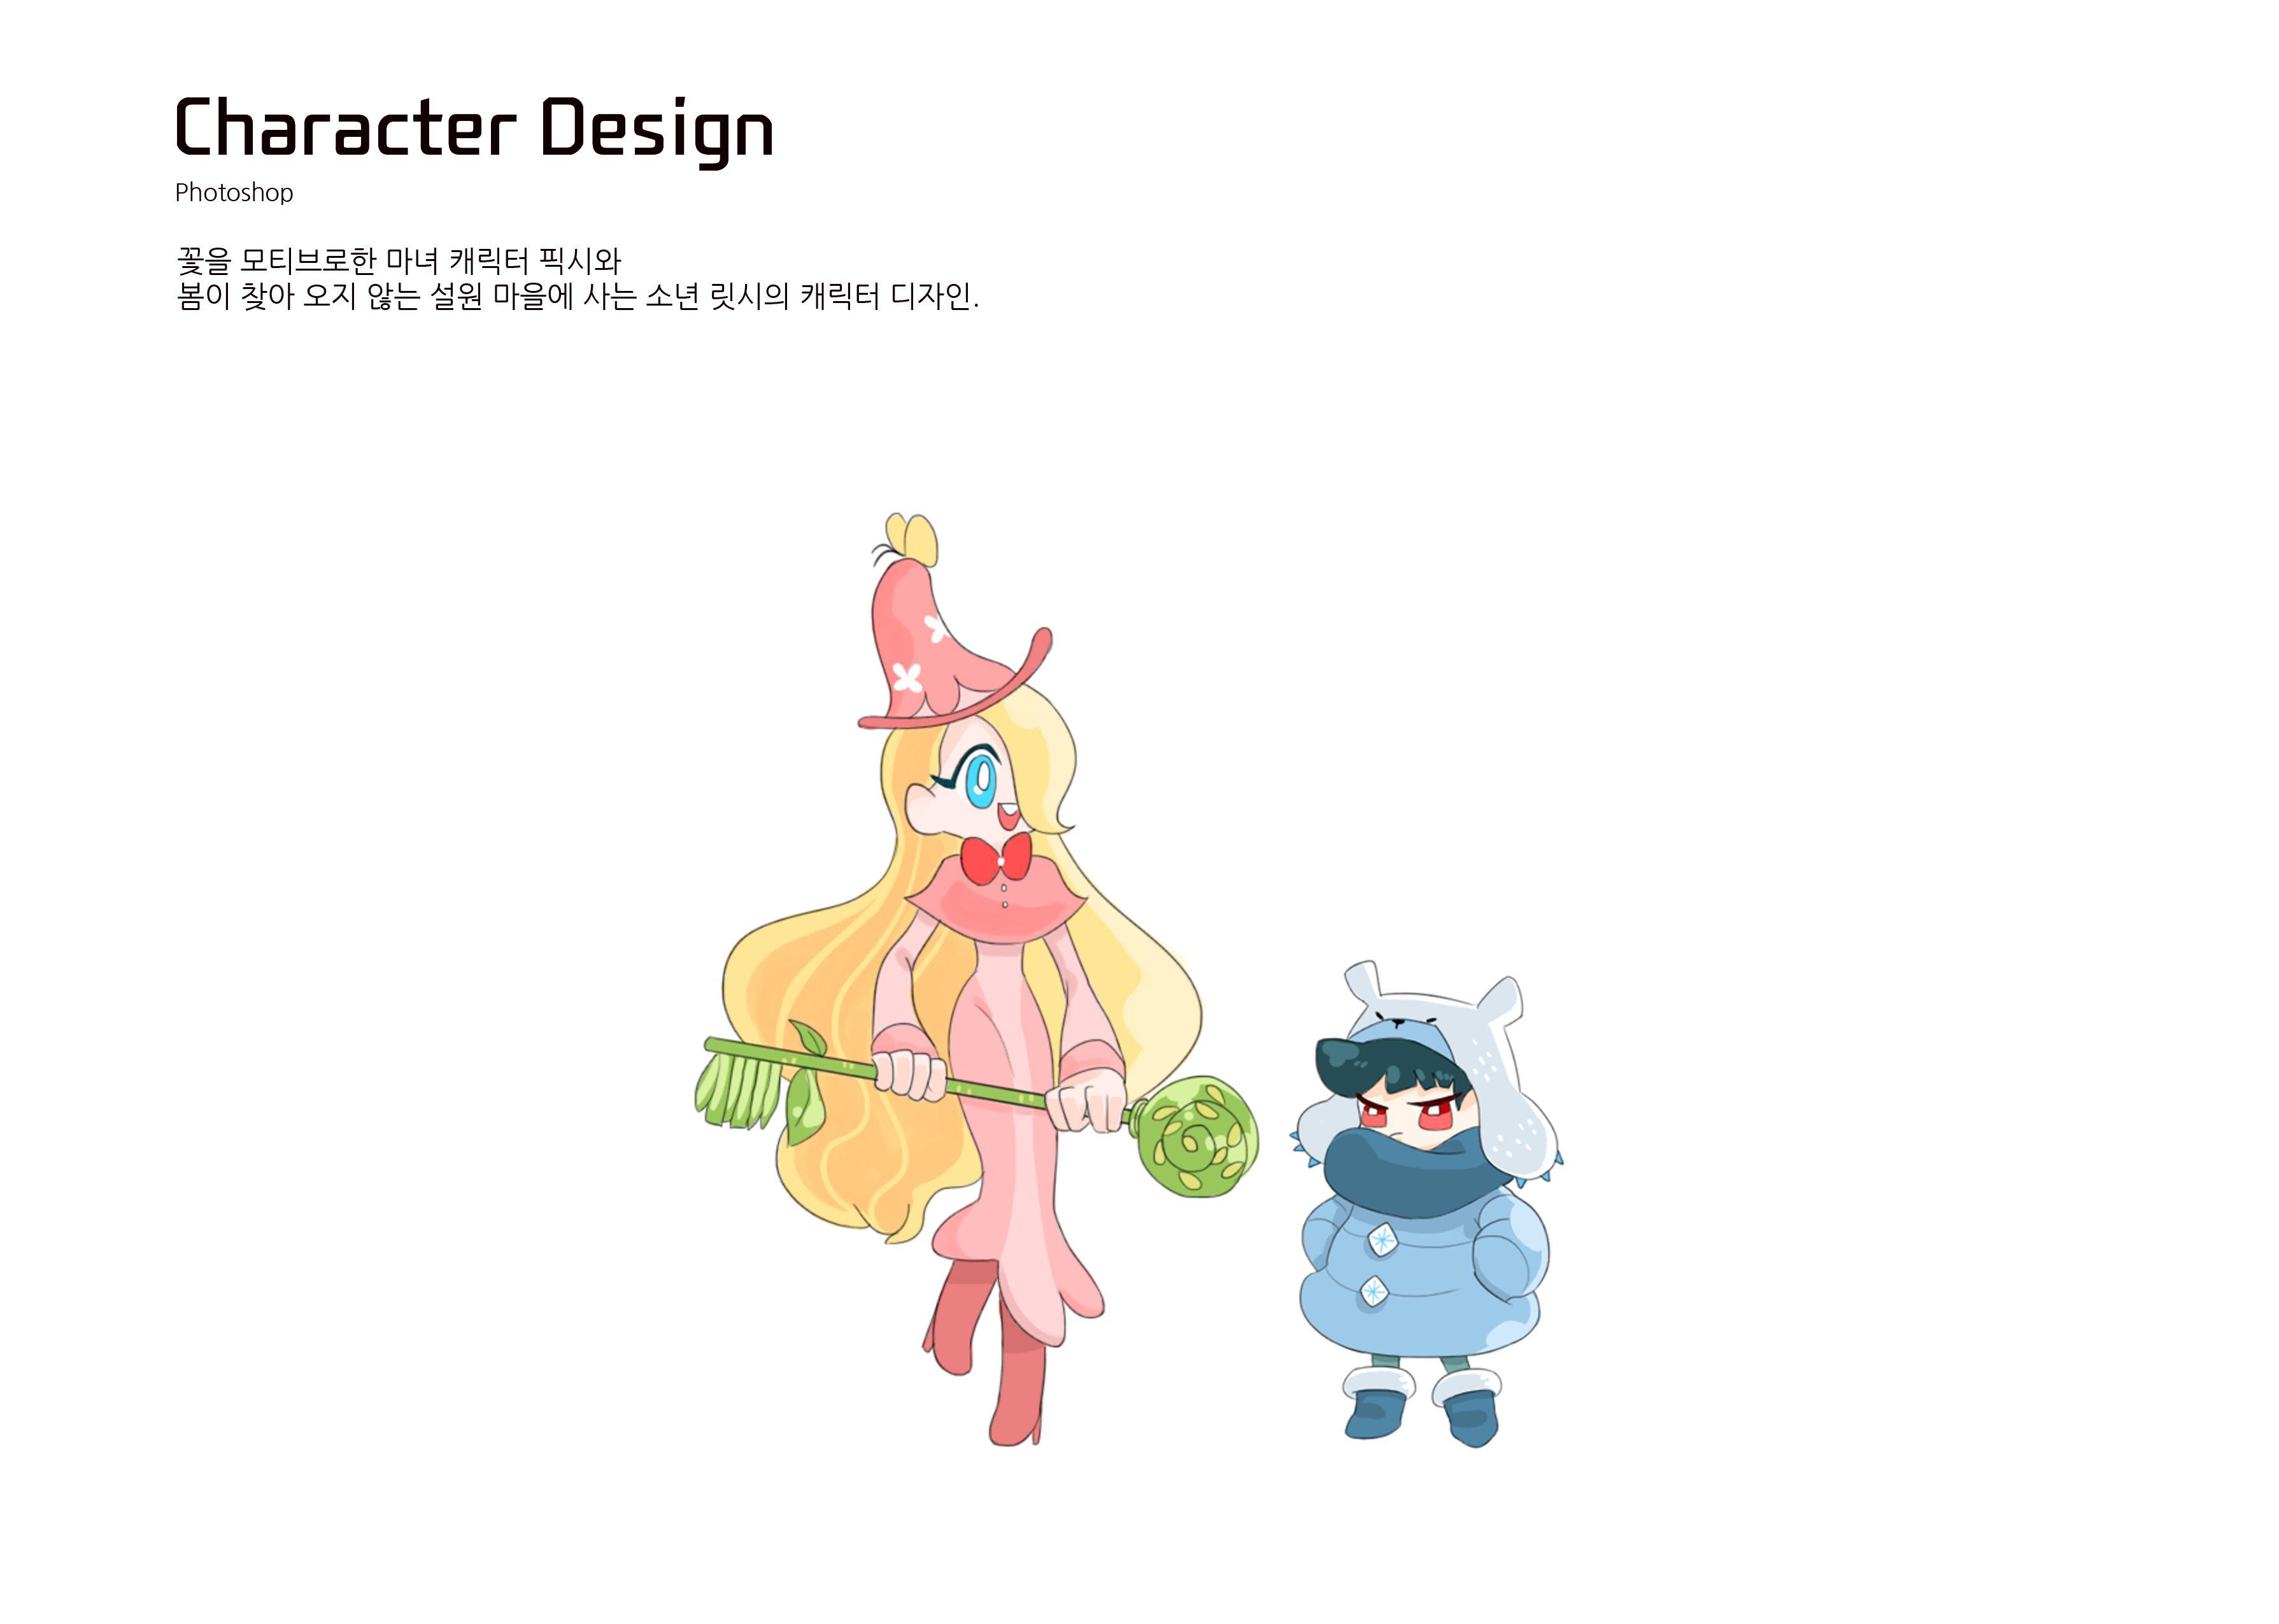 창작 스토리를 기반으로한 캐릭터 디자인.